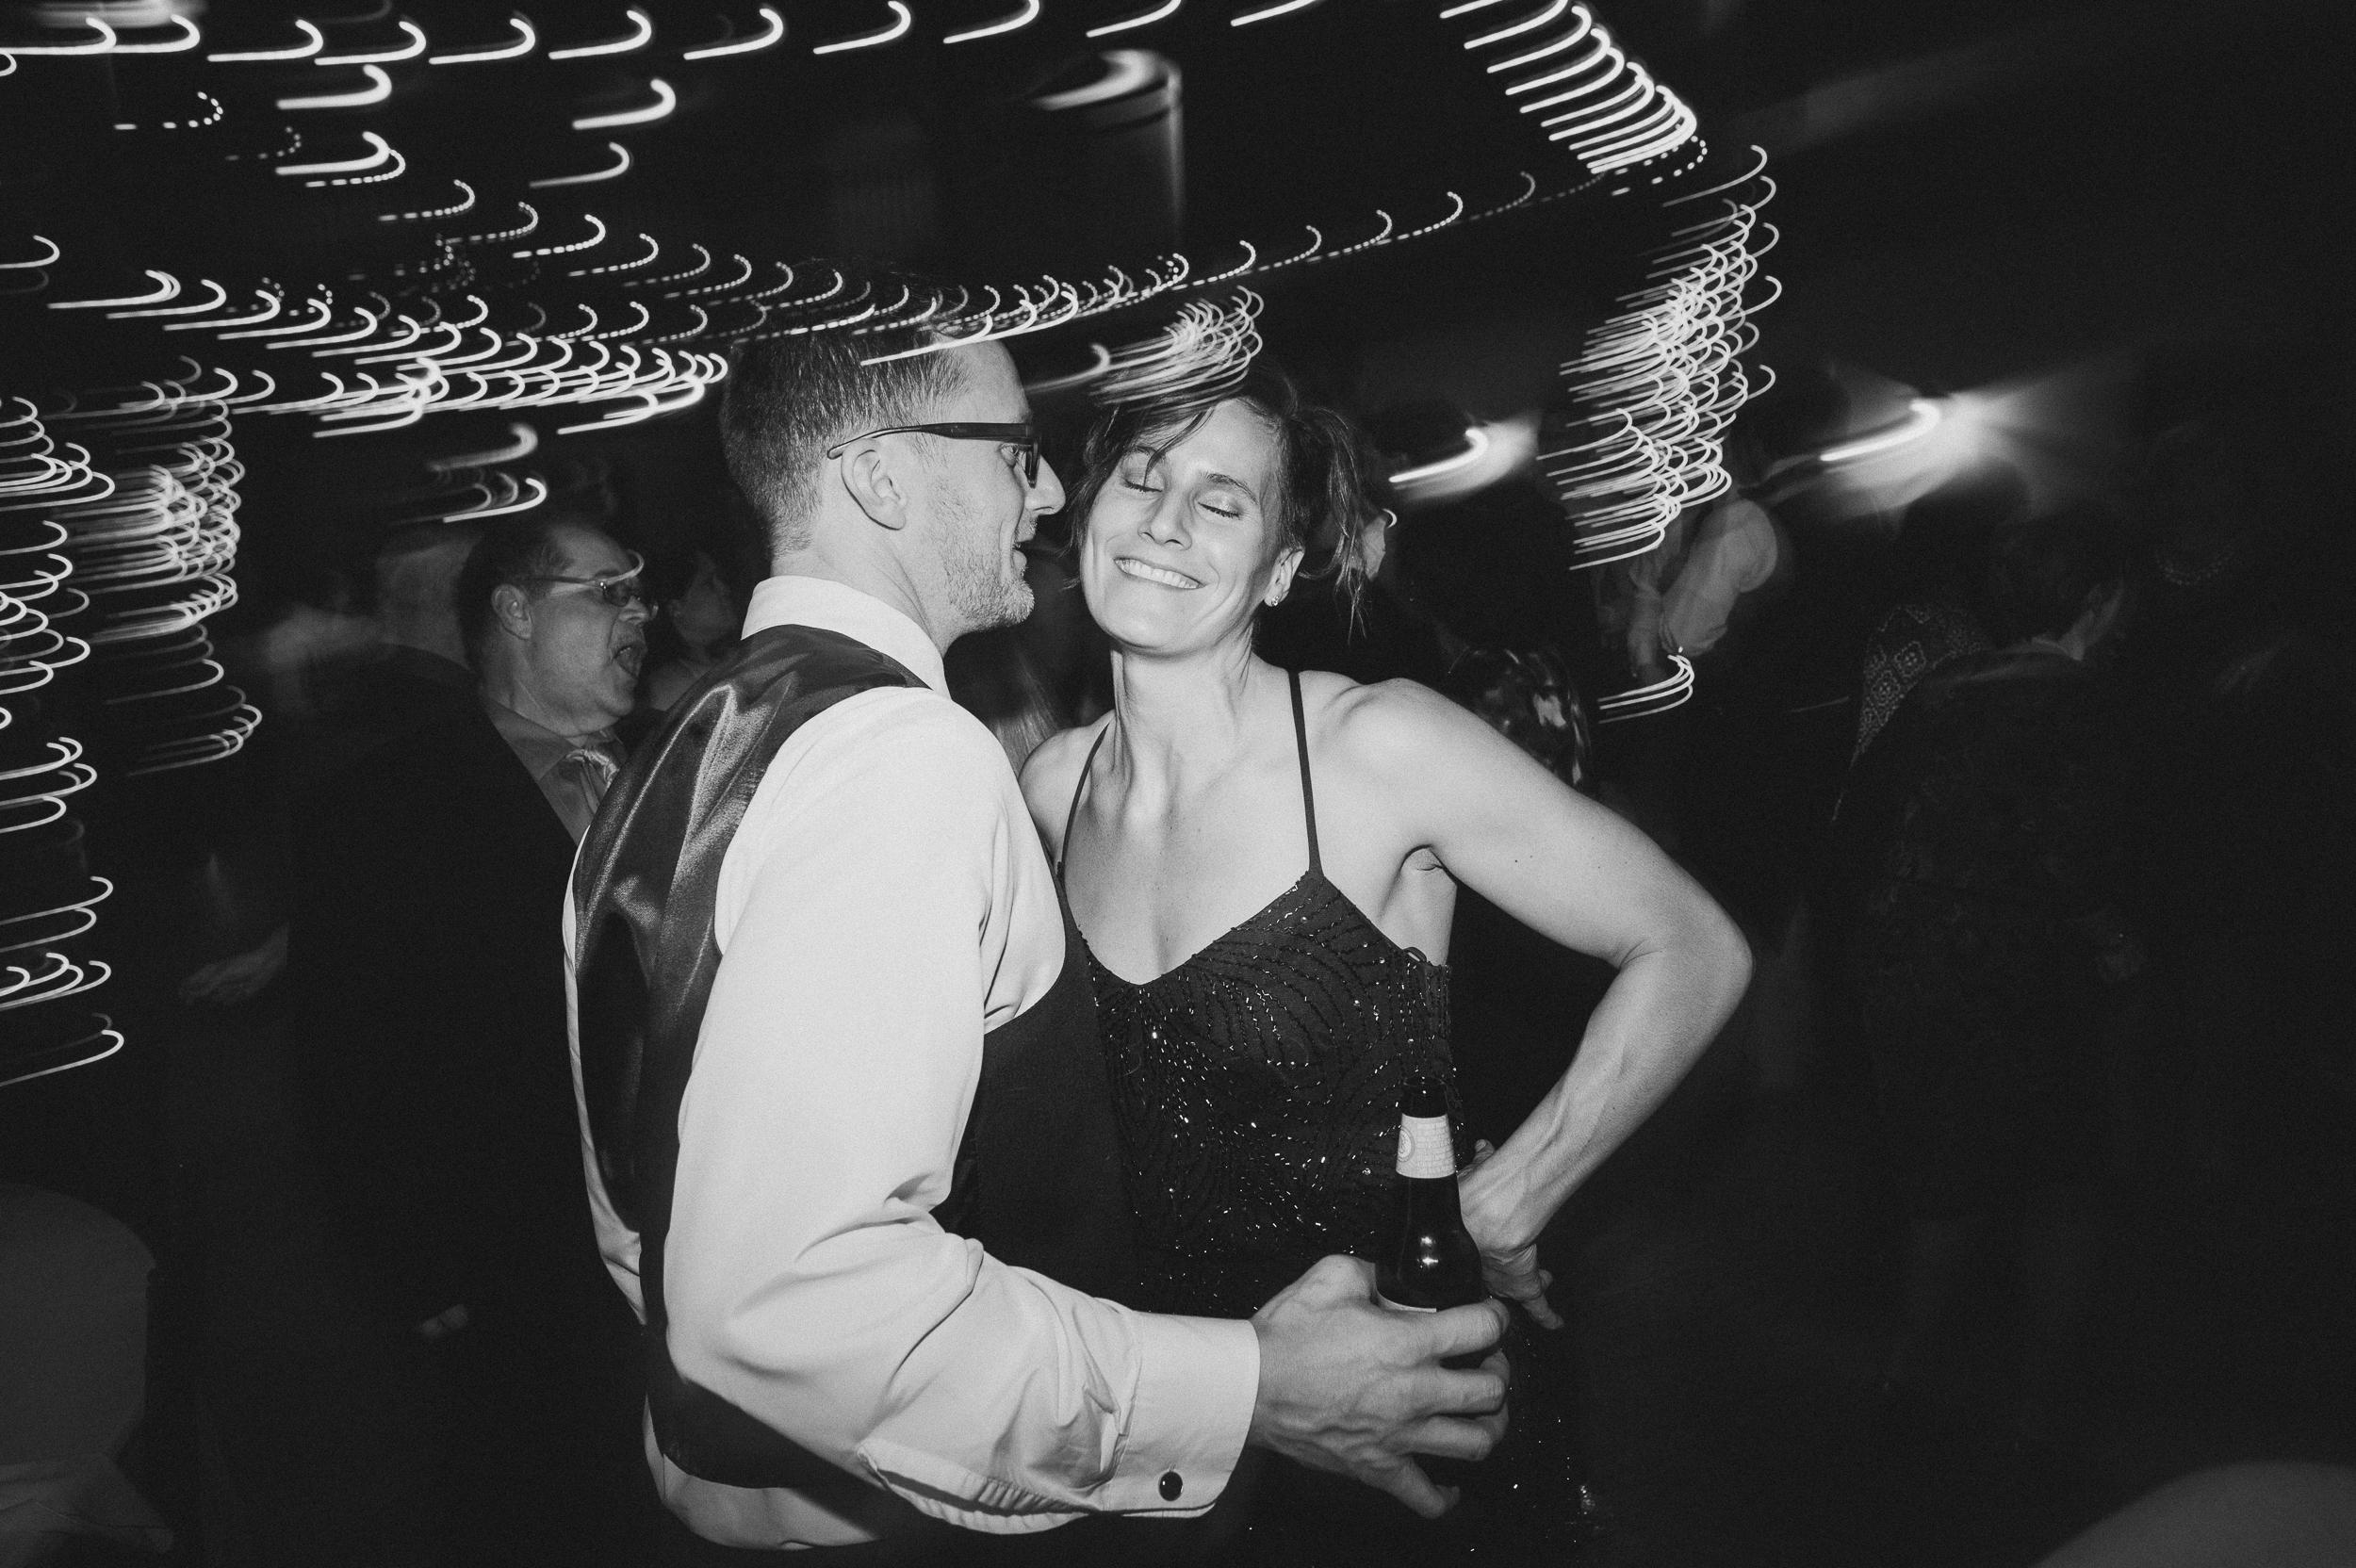 vermont-destination-wedding-photographer-74.jpg